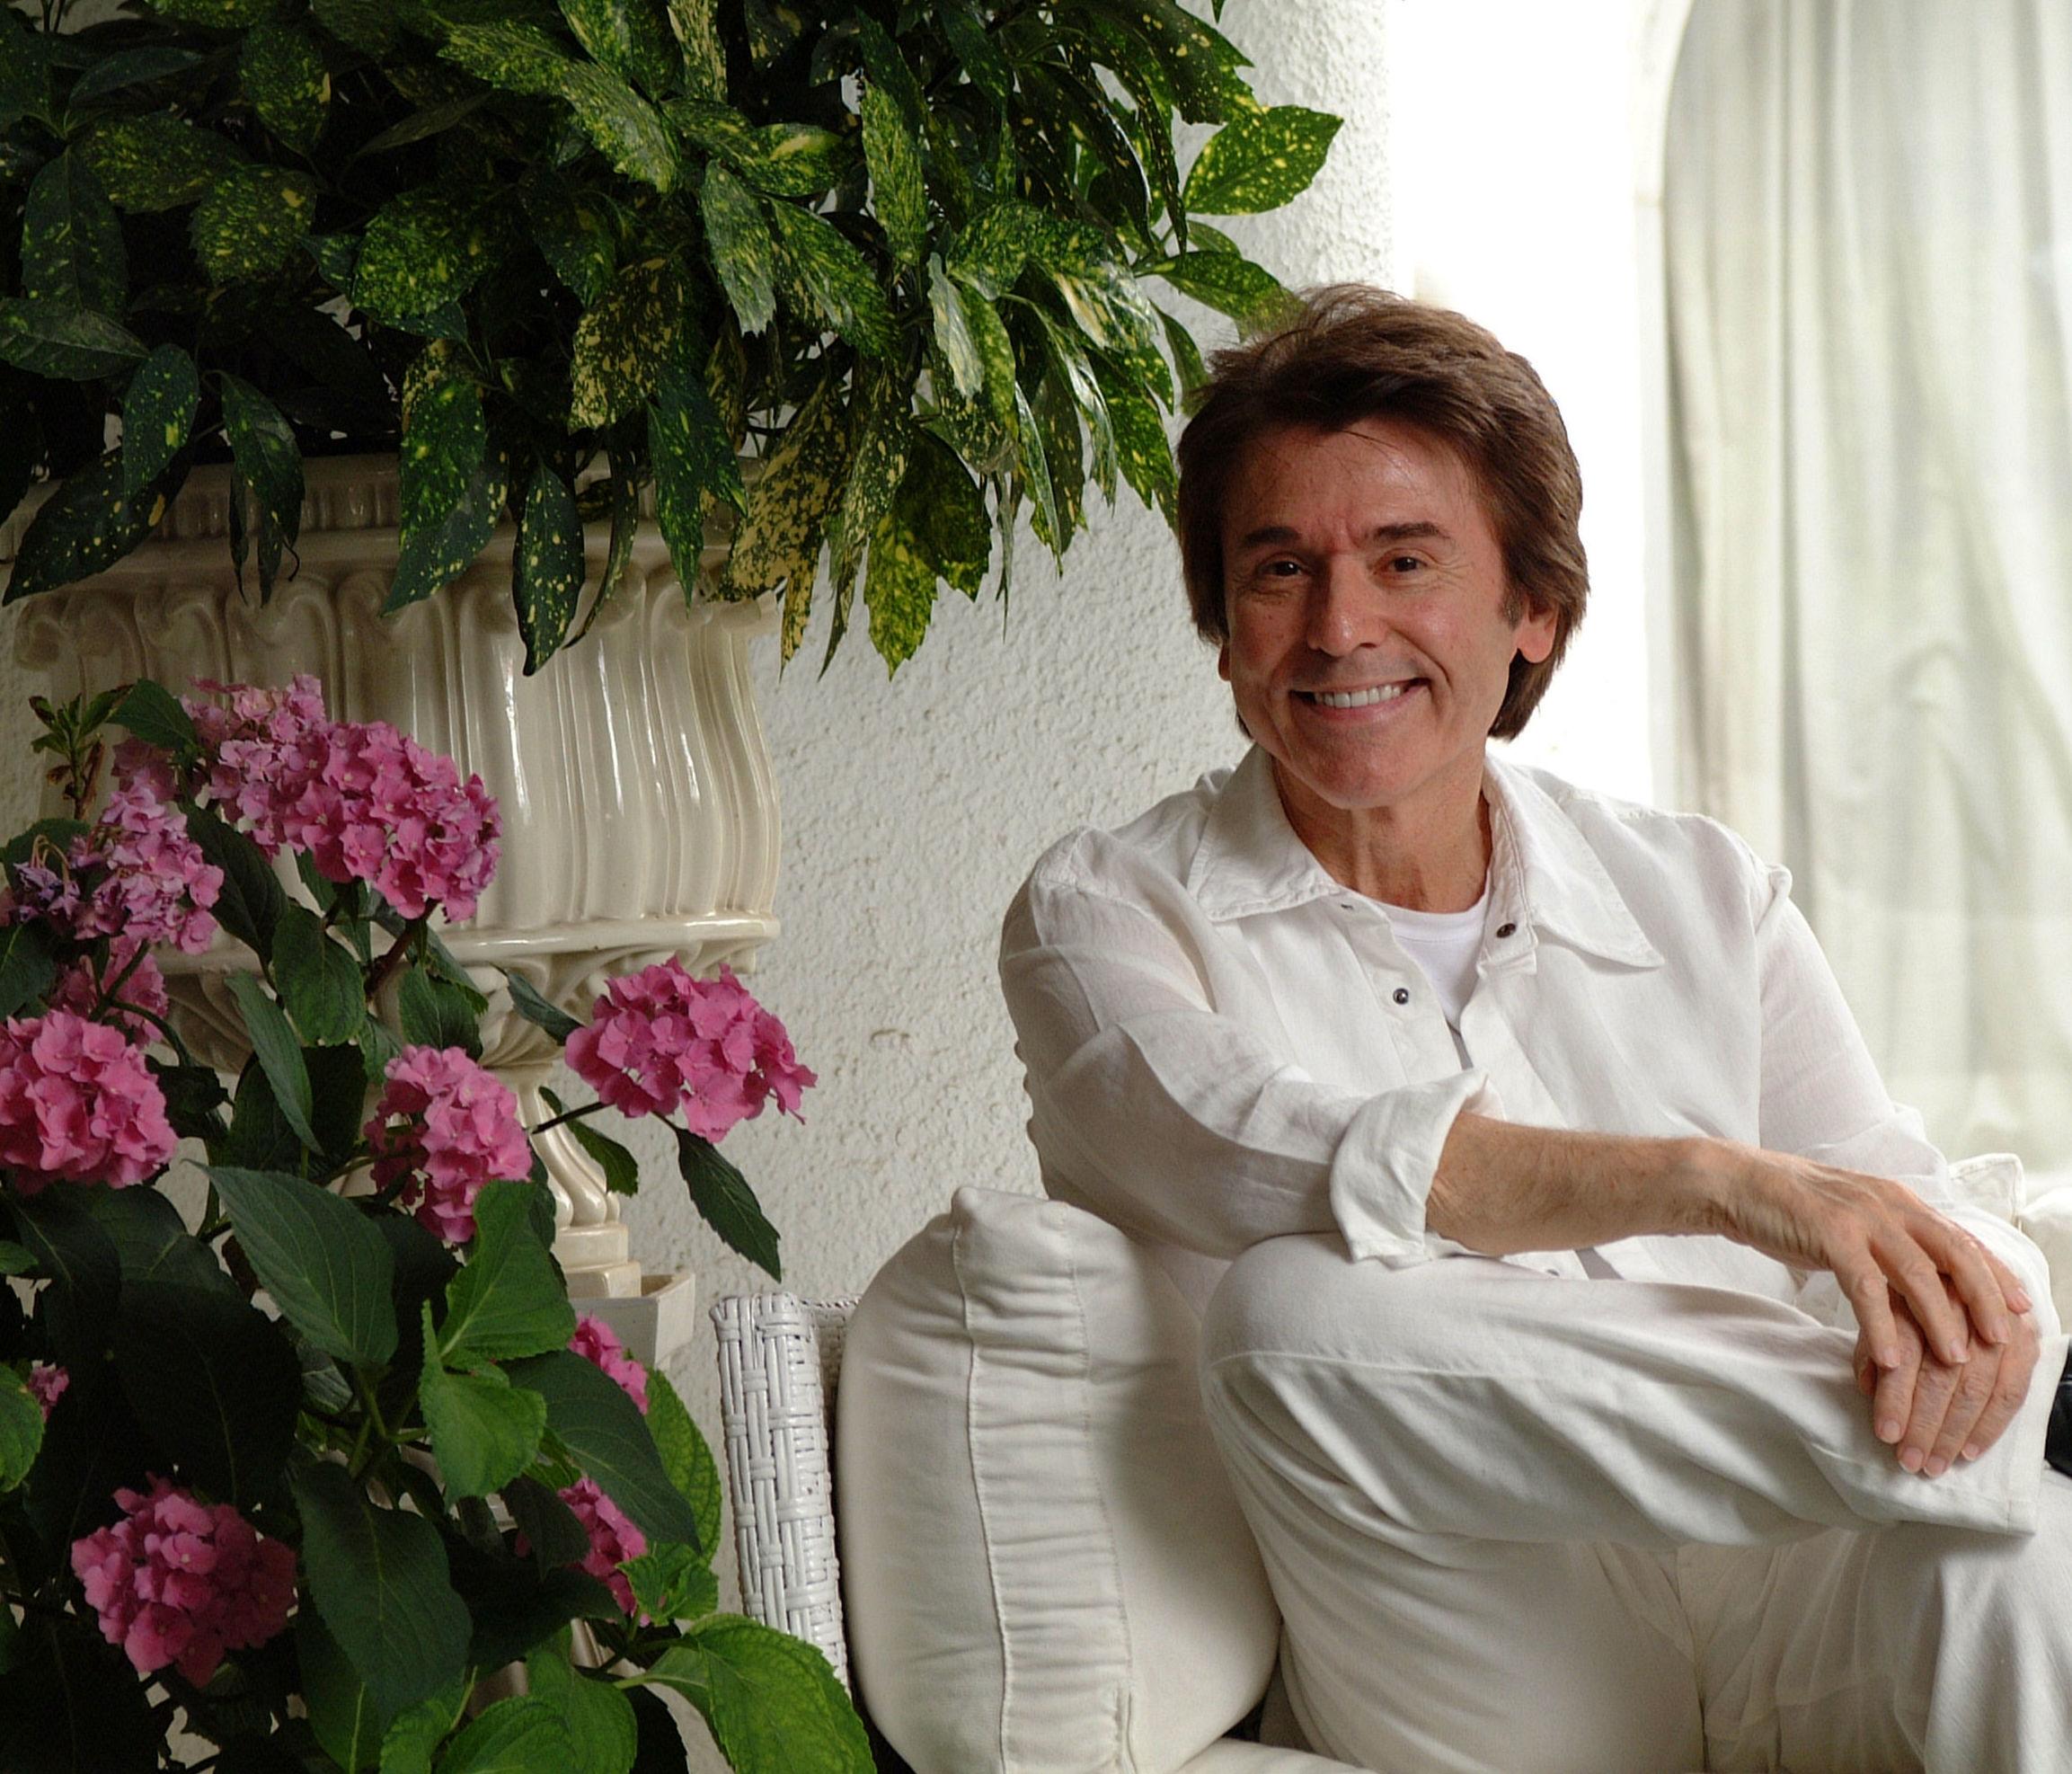 Estudio de fotografía José Luis Sanz. Retrato editorial. Raphael